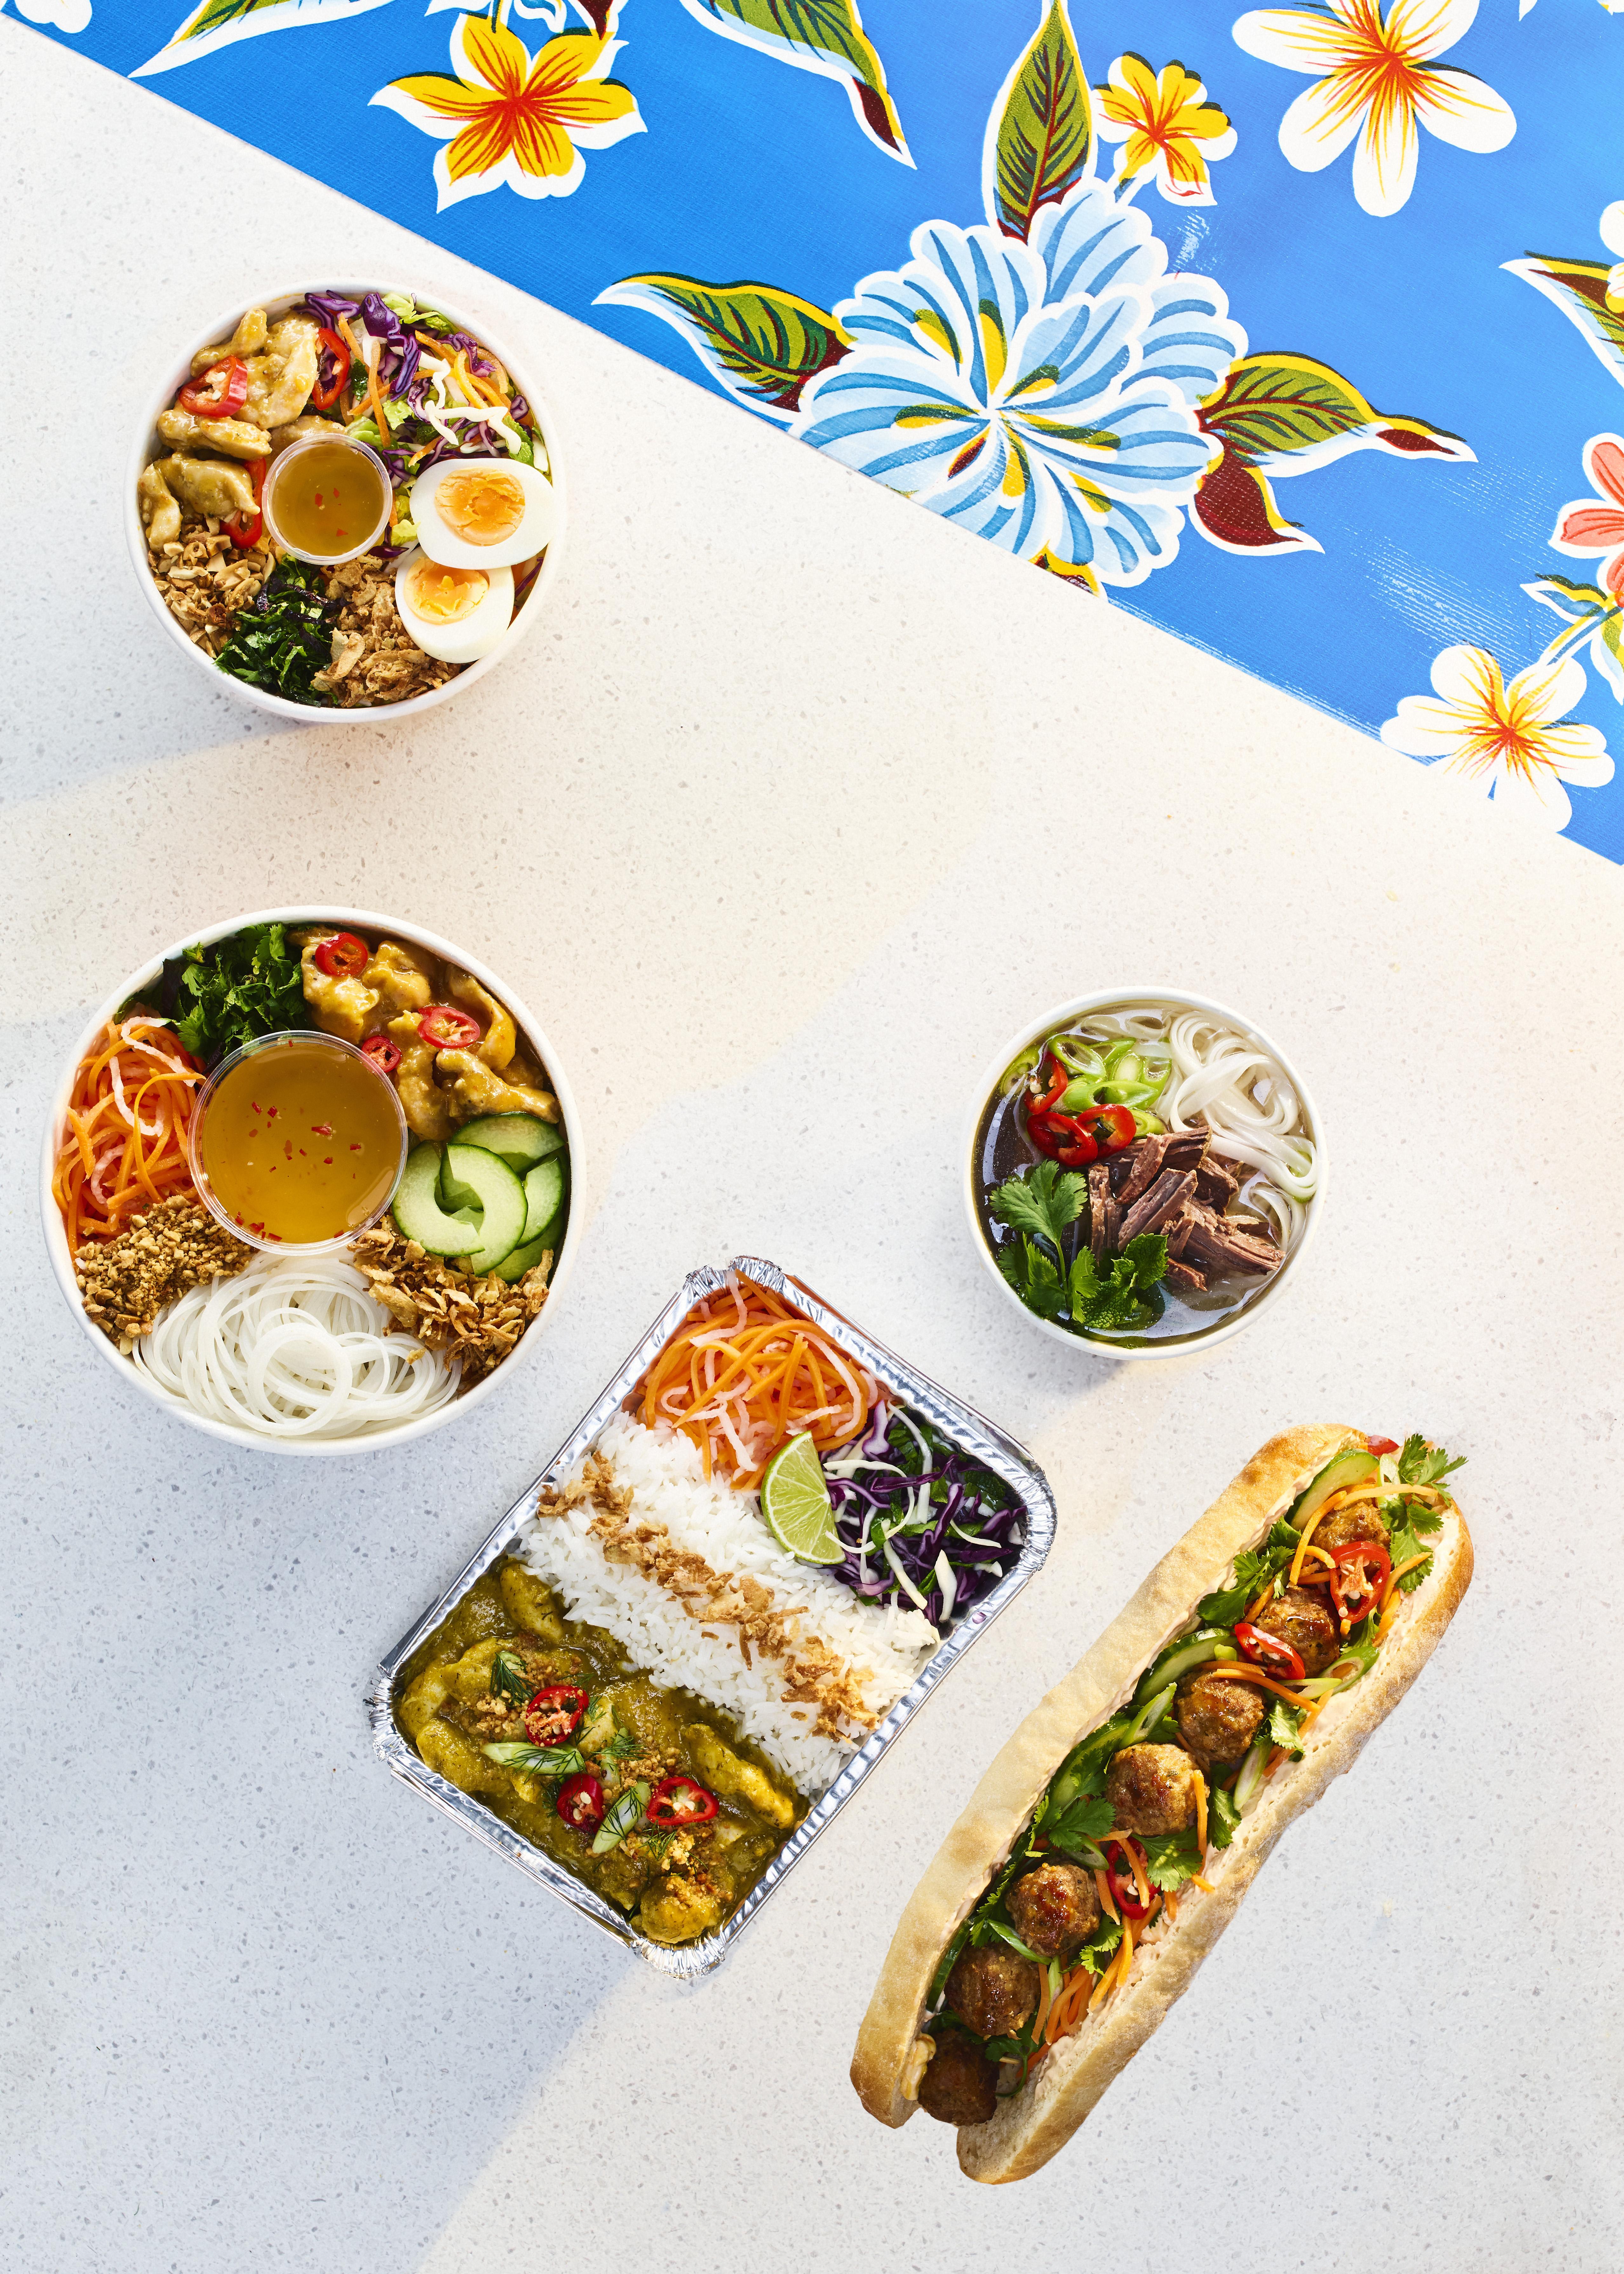 Image of Hop Vietnamese food